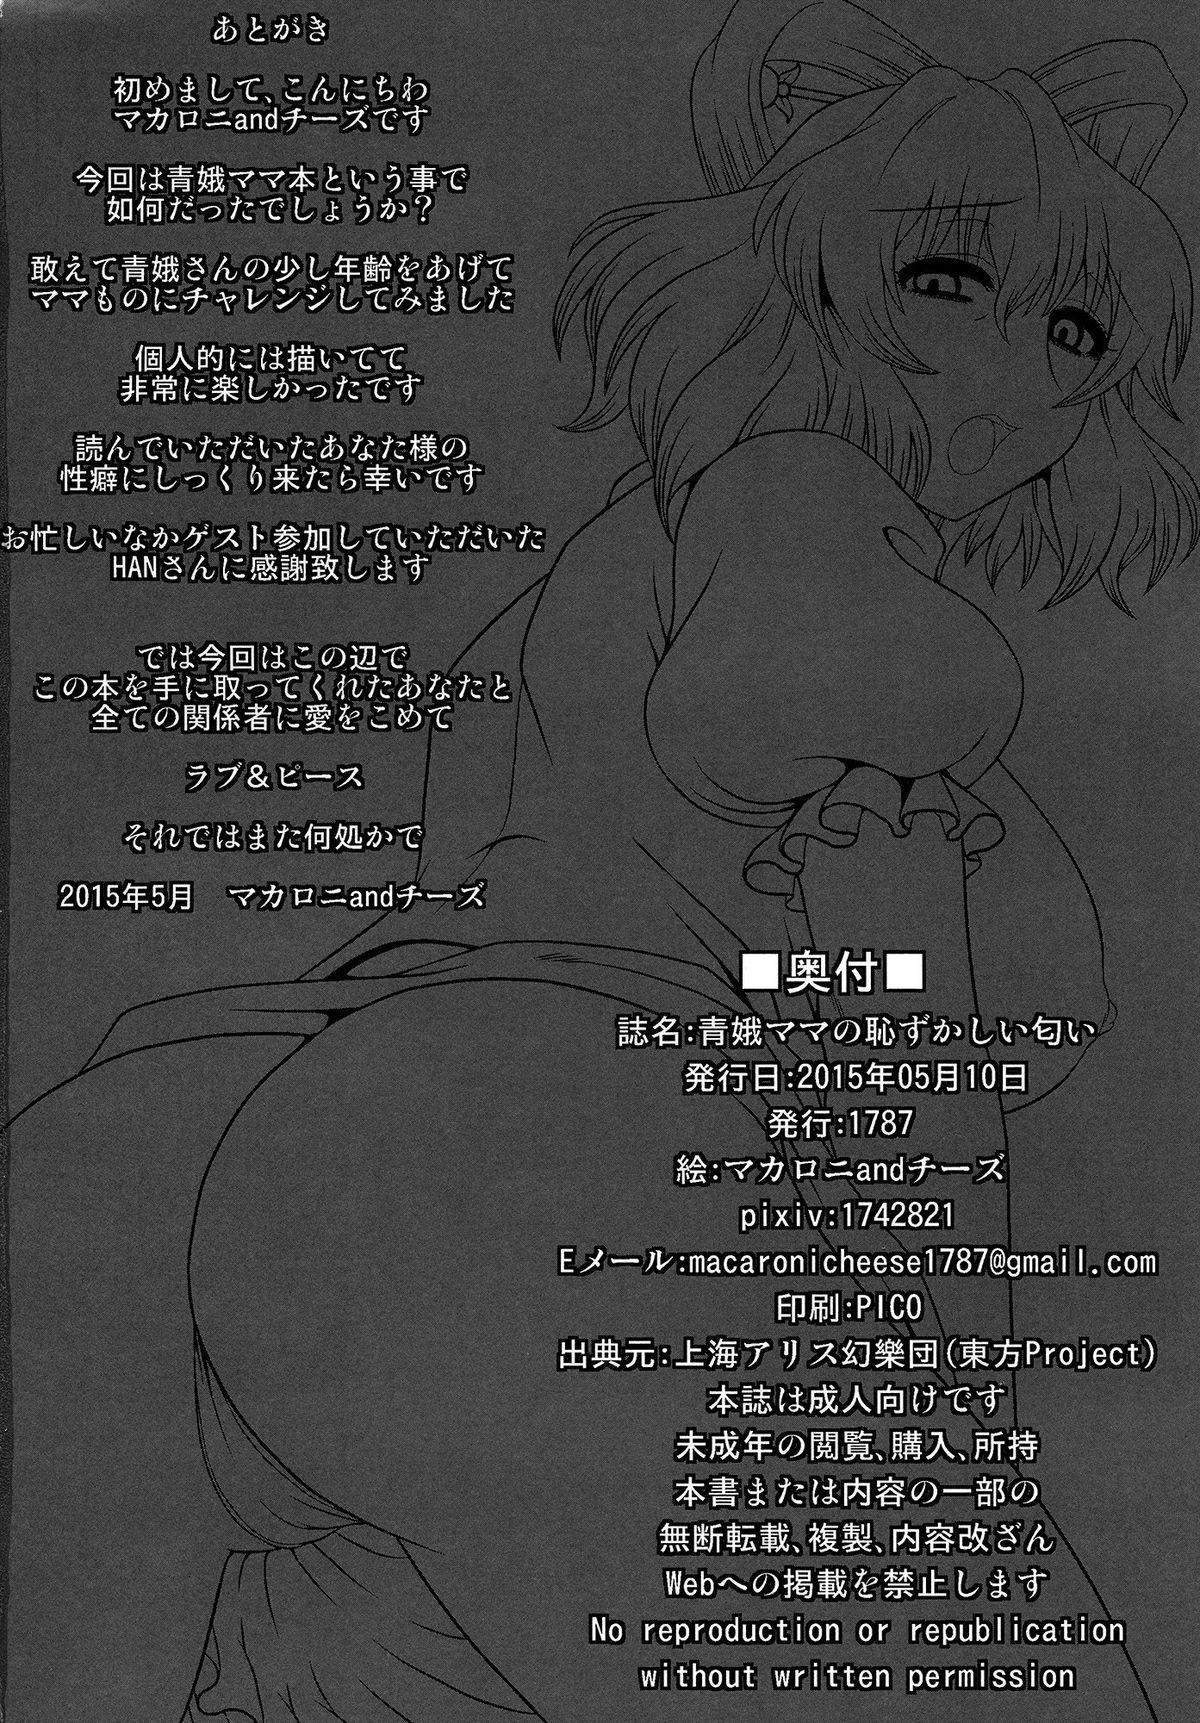 Seiga-mama no Hazukashii Nioi 28